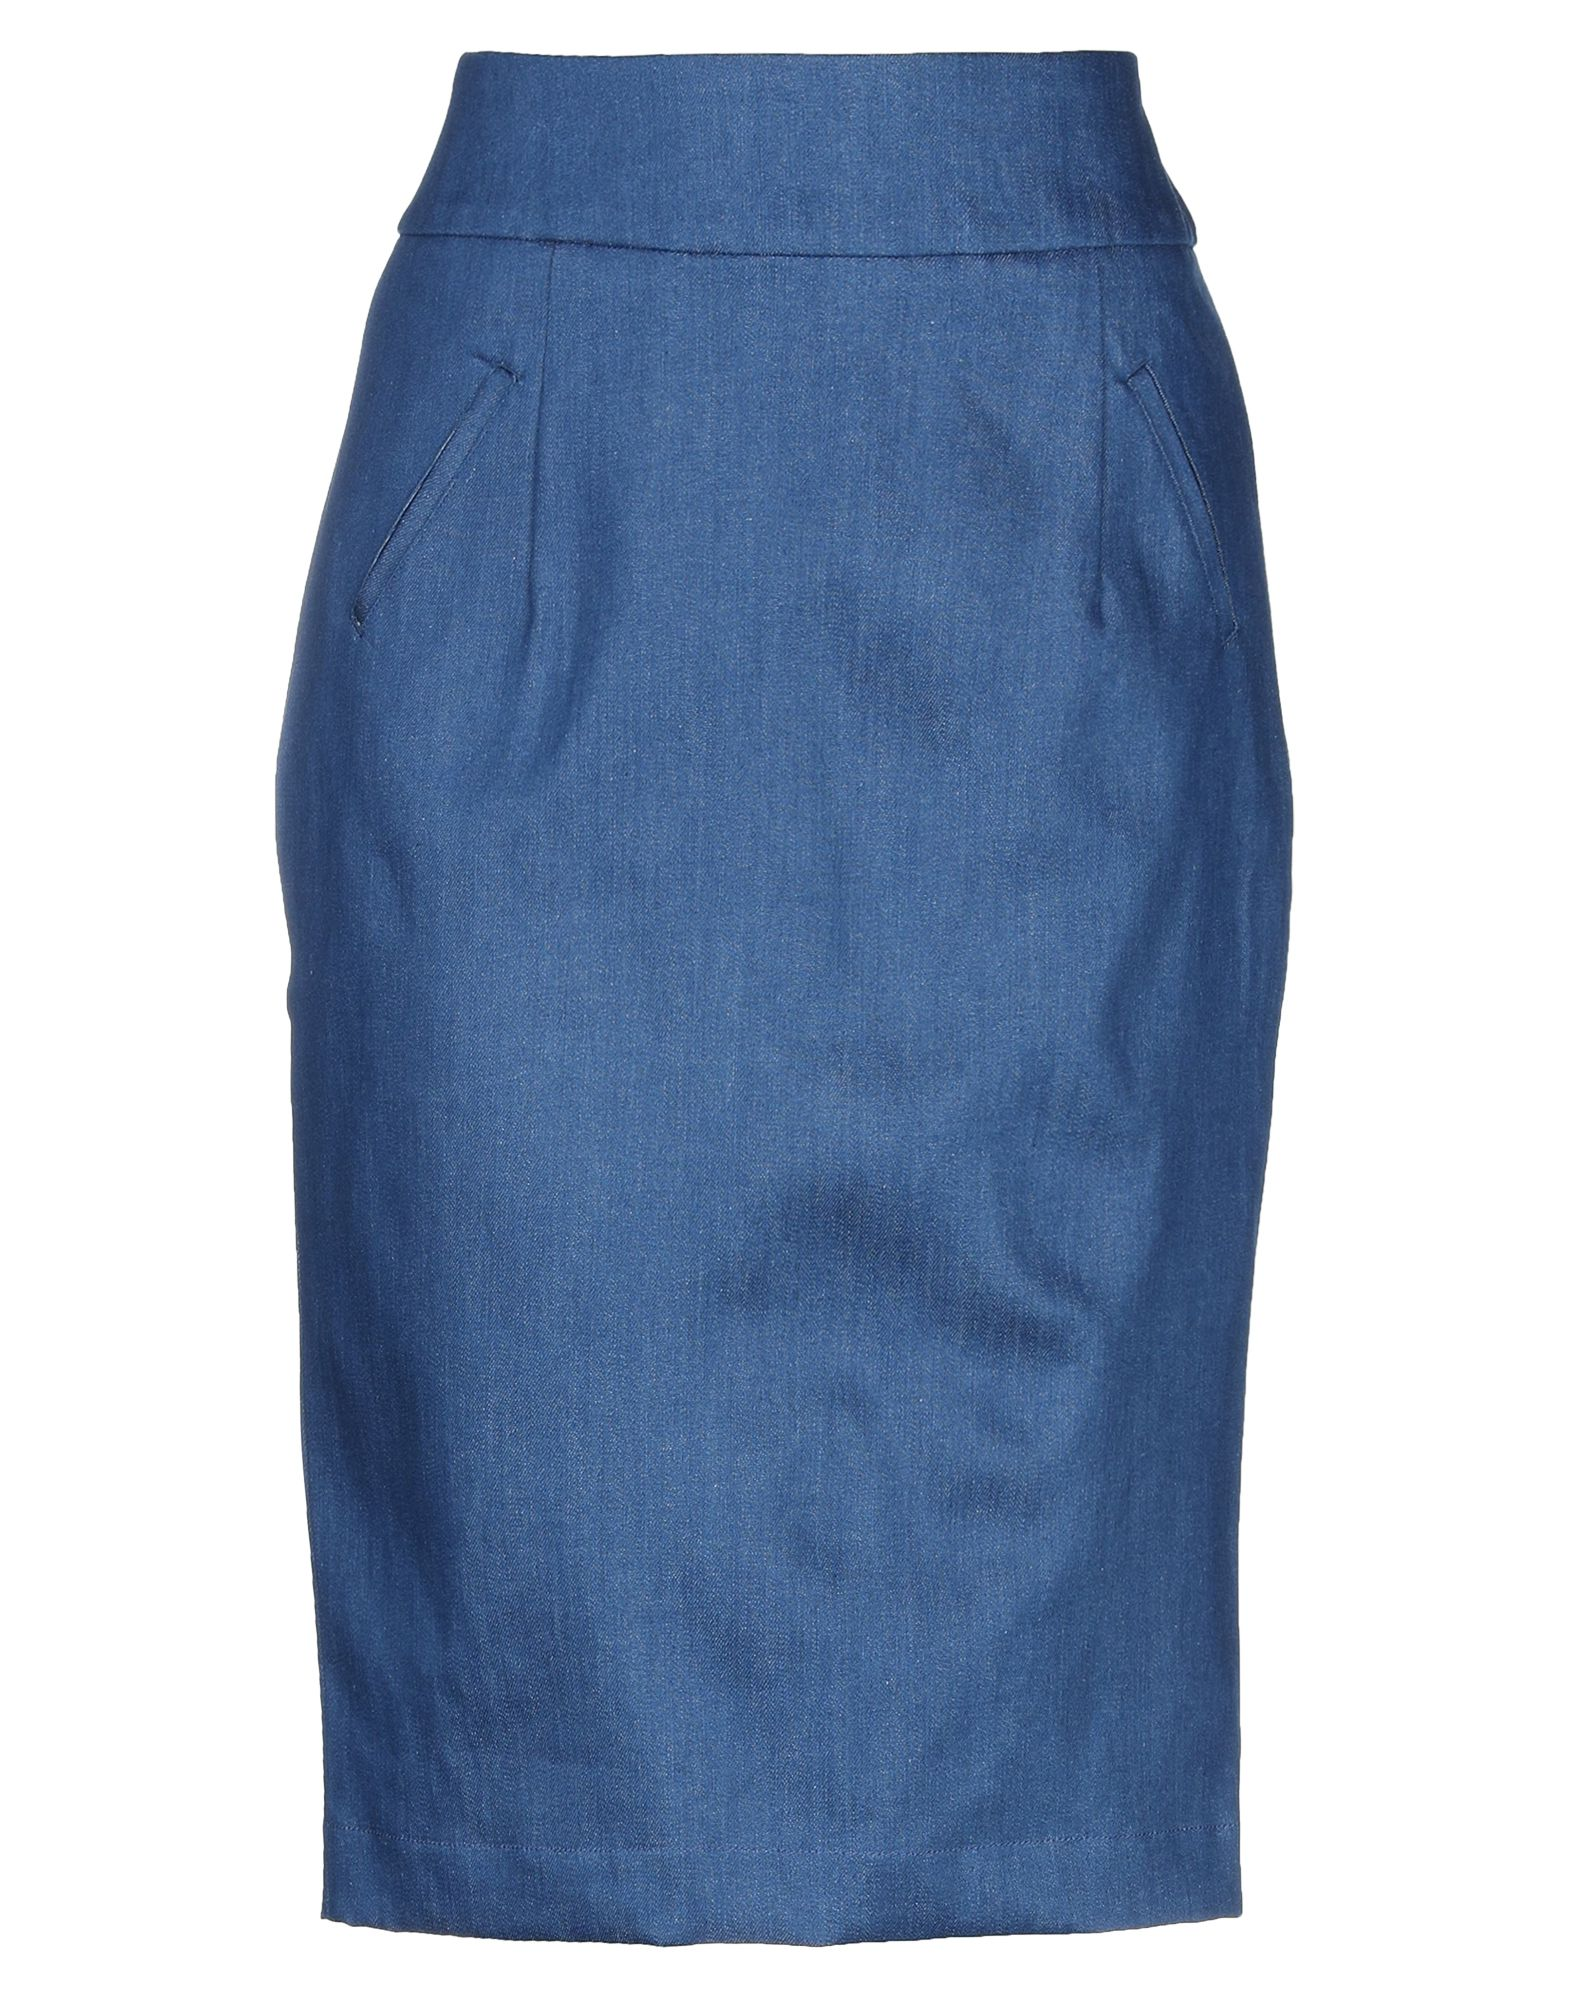 Фото - DEPARTMENT 5 Джинсовая юбка department 5 джинсовая юбка